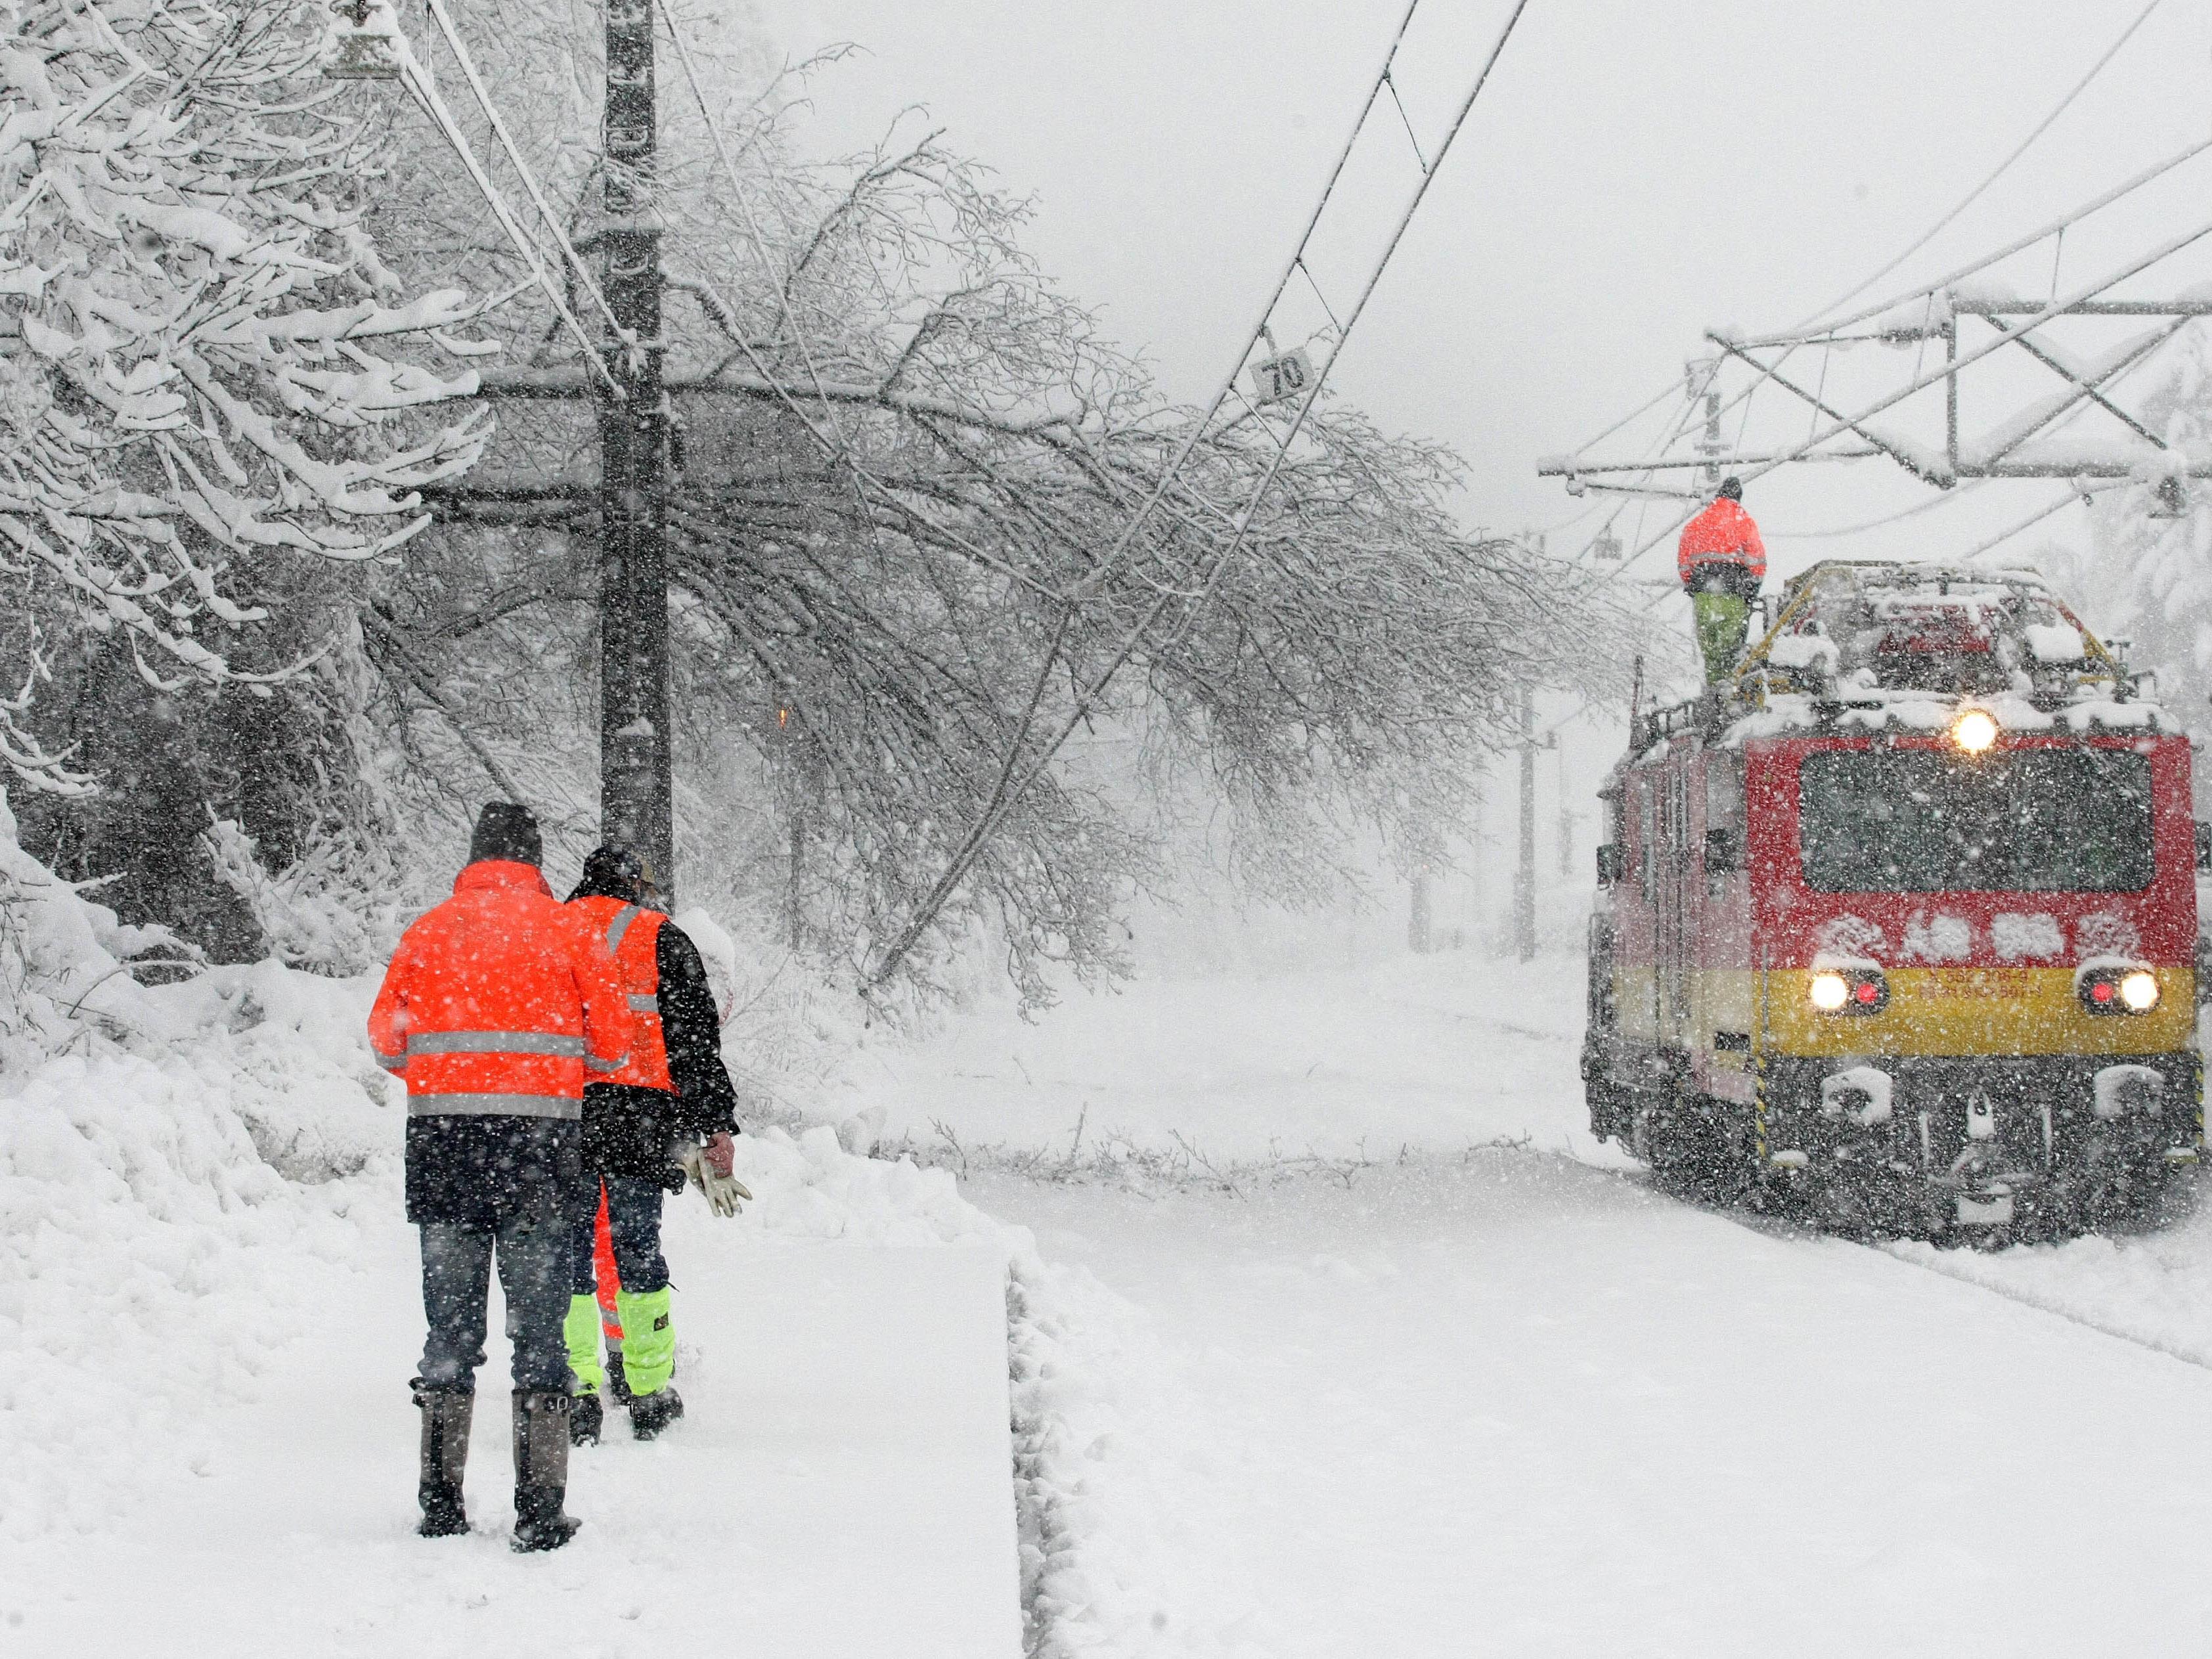 Ab wann erhalten Bahnreisende Entschädigungen bei Zugausfällen oder Verspätungen?